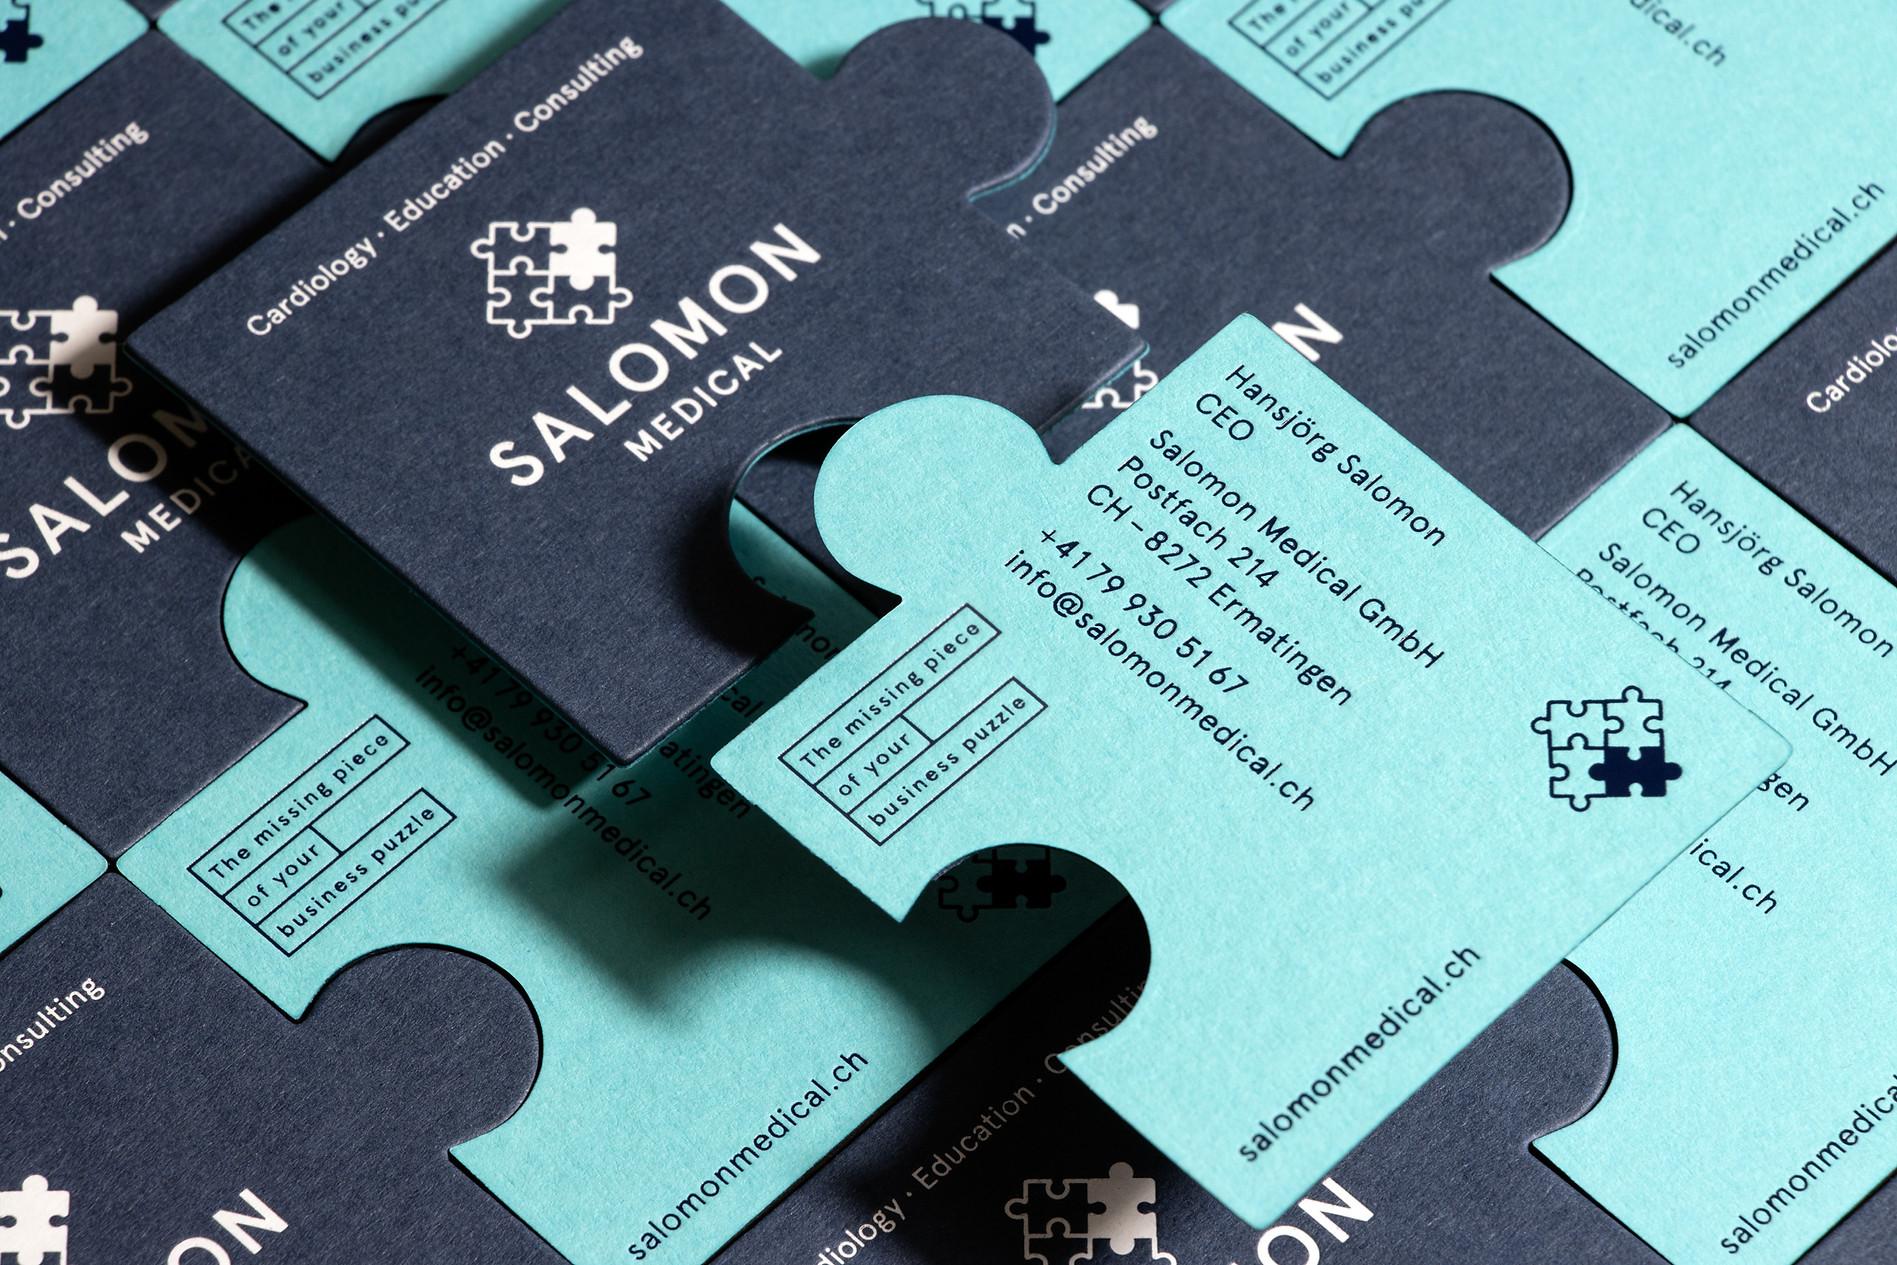 Salomon_02.jpg